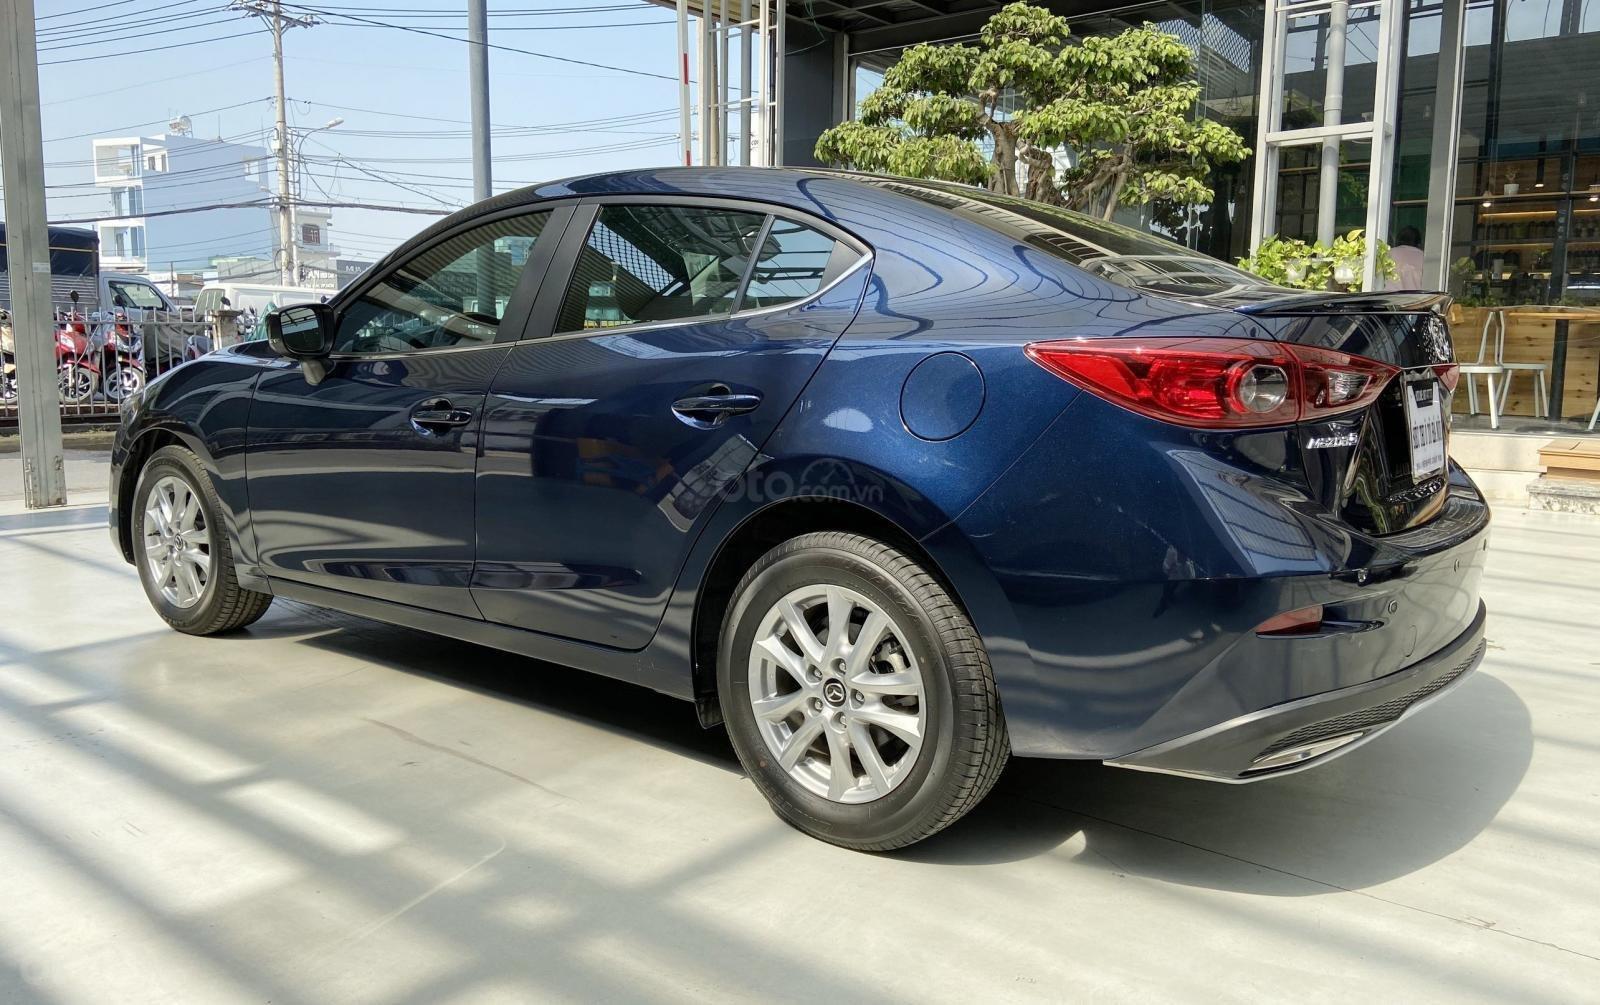 Bán Mazda 3 1.5AT 2019 có ghế điện, xe gia đình mới đi 7.000 km, zin nguyên bản 100%, như xe hãng (6)